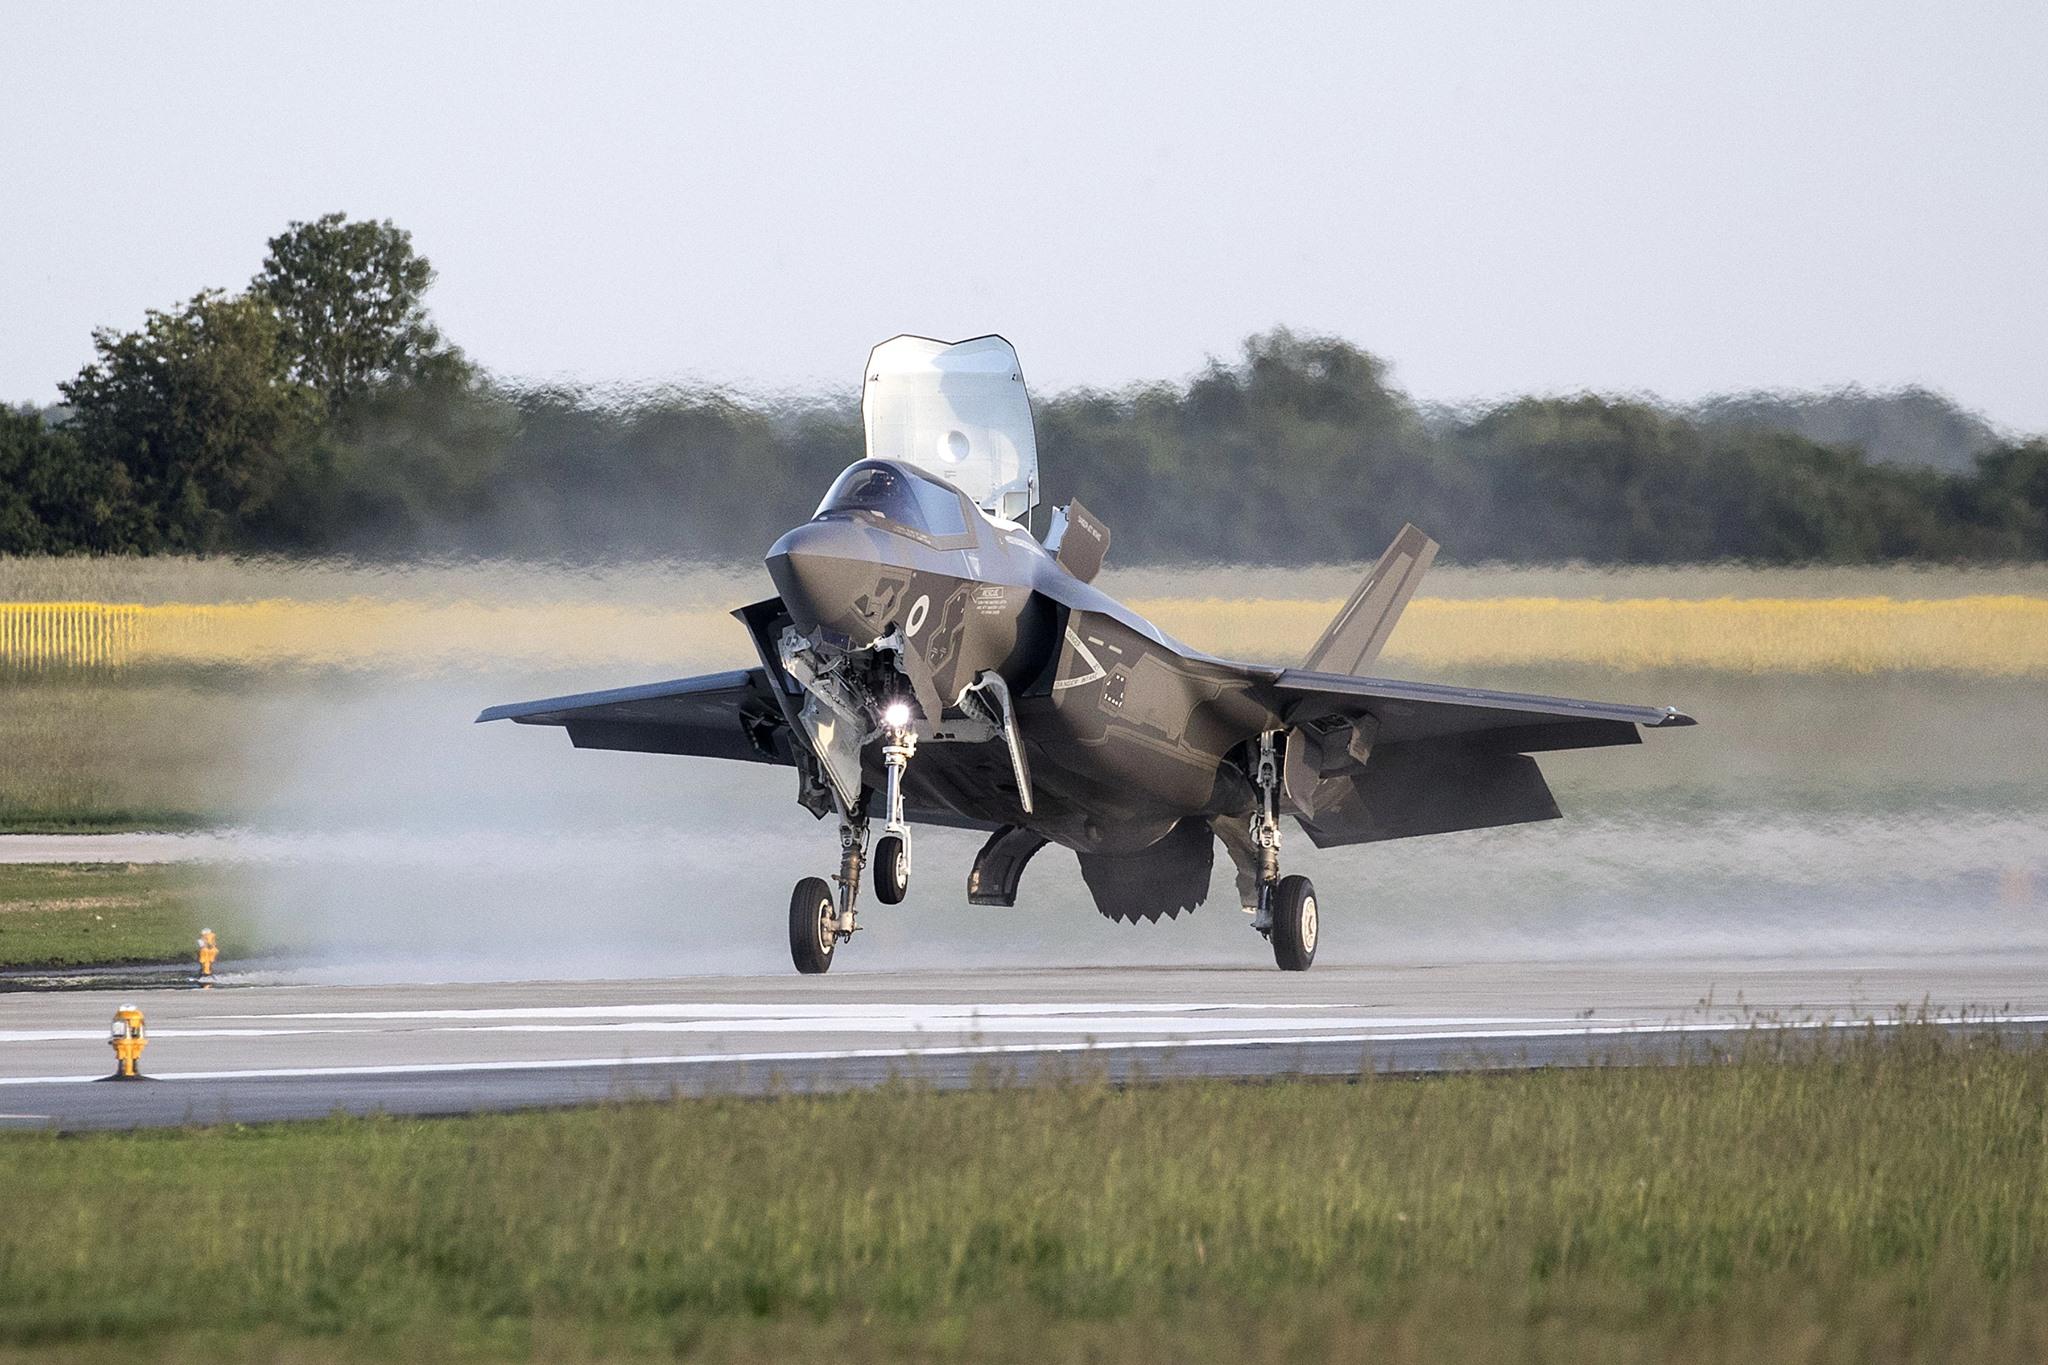 Посадка на британской авиабазе Мархэм первого из четырех прибывших из США на территорию Великобритании многоцелевых истребителя Lockheed Martin F-35B Lightning II из состава 617-й эскадрильи Королдевских ВВС Великобритании. 06.06.2018.